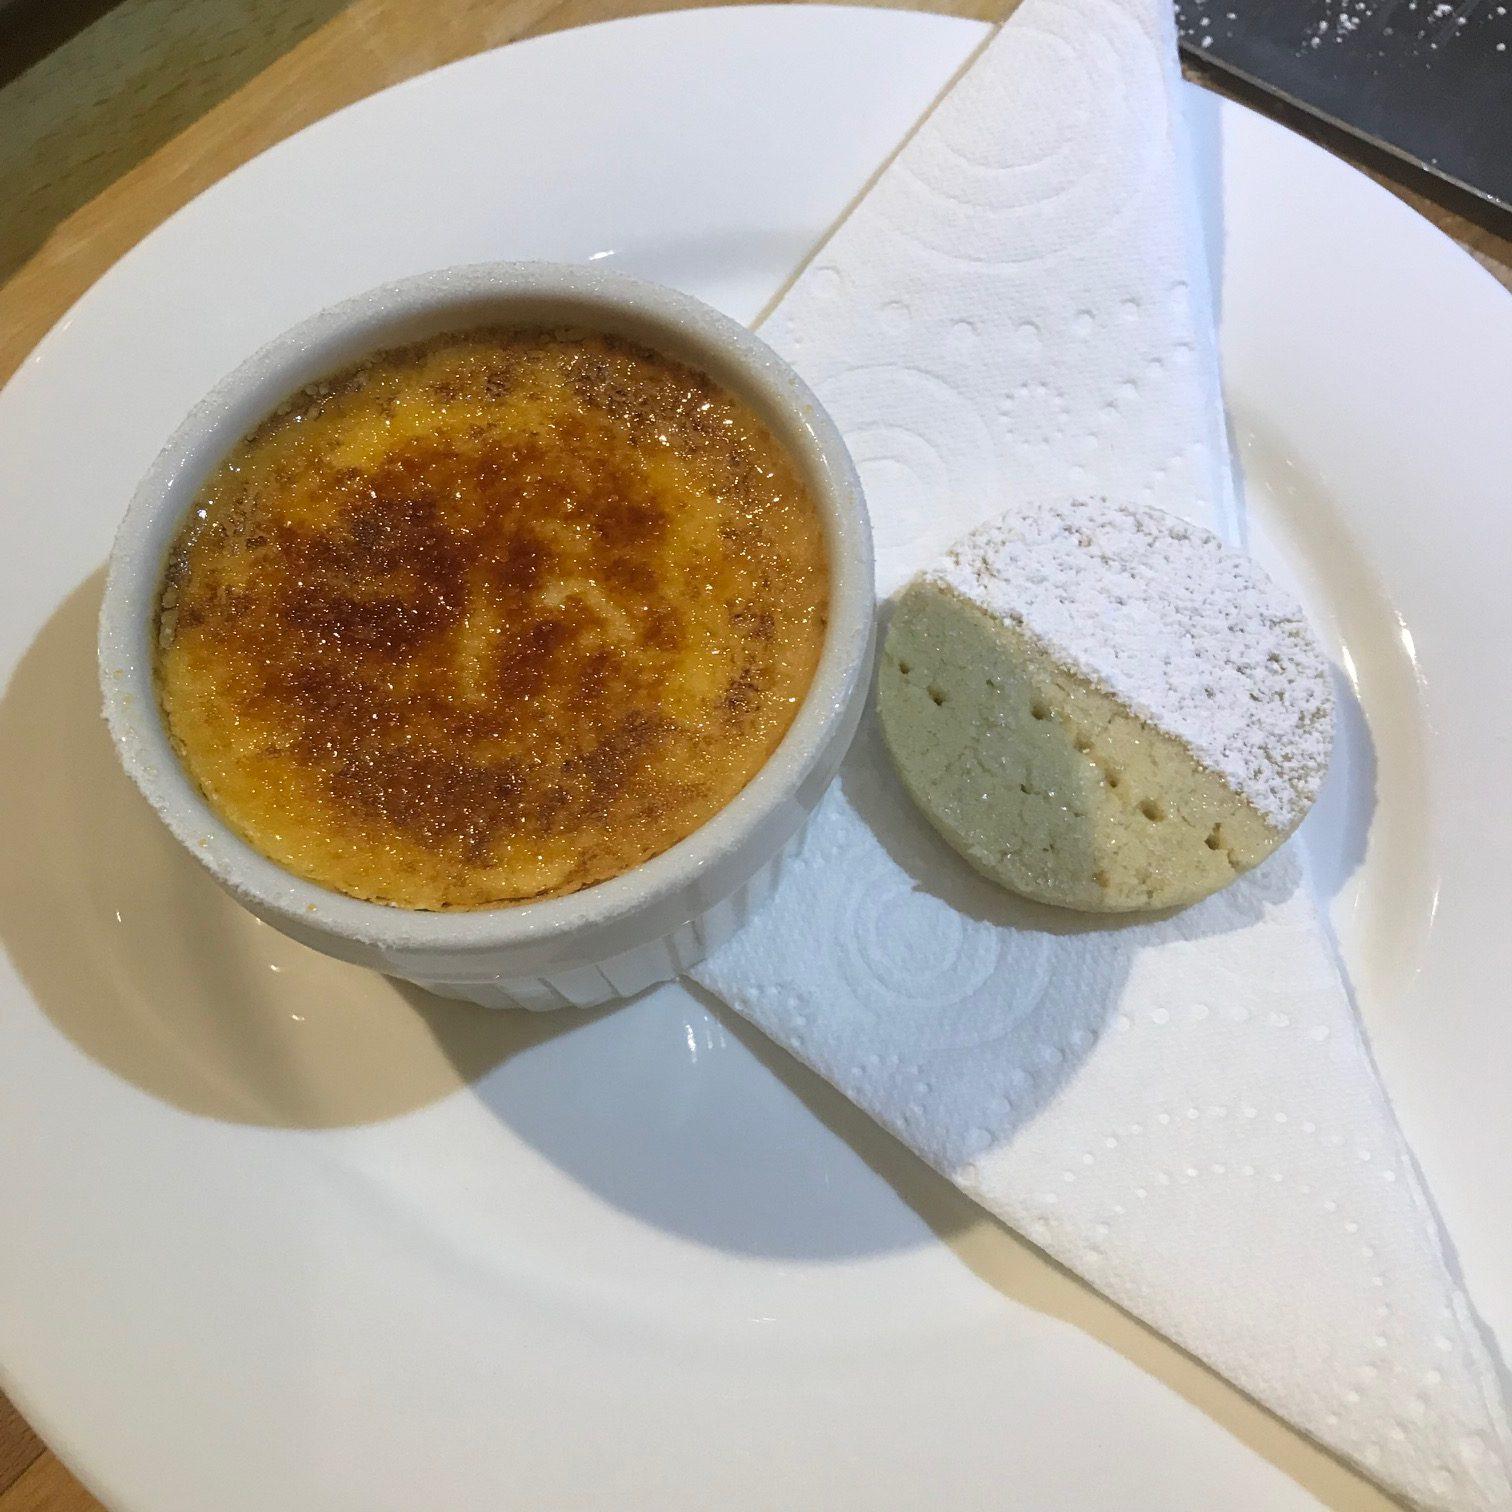 20190923 - Crème Brûlée with Shortbread Biscuits